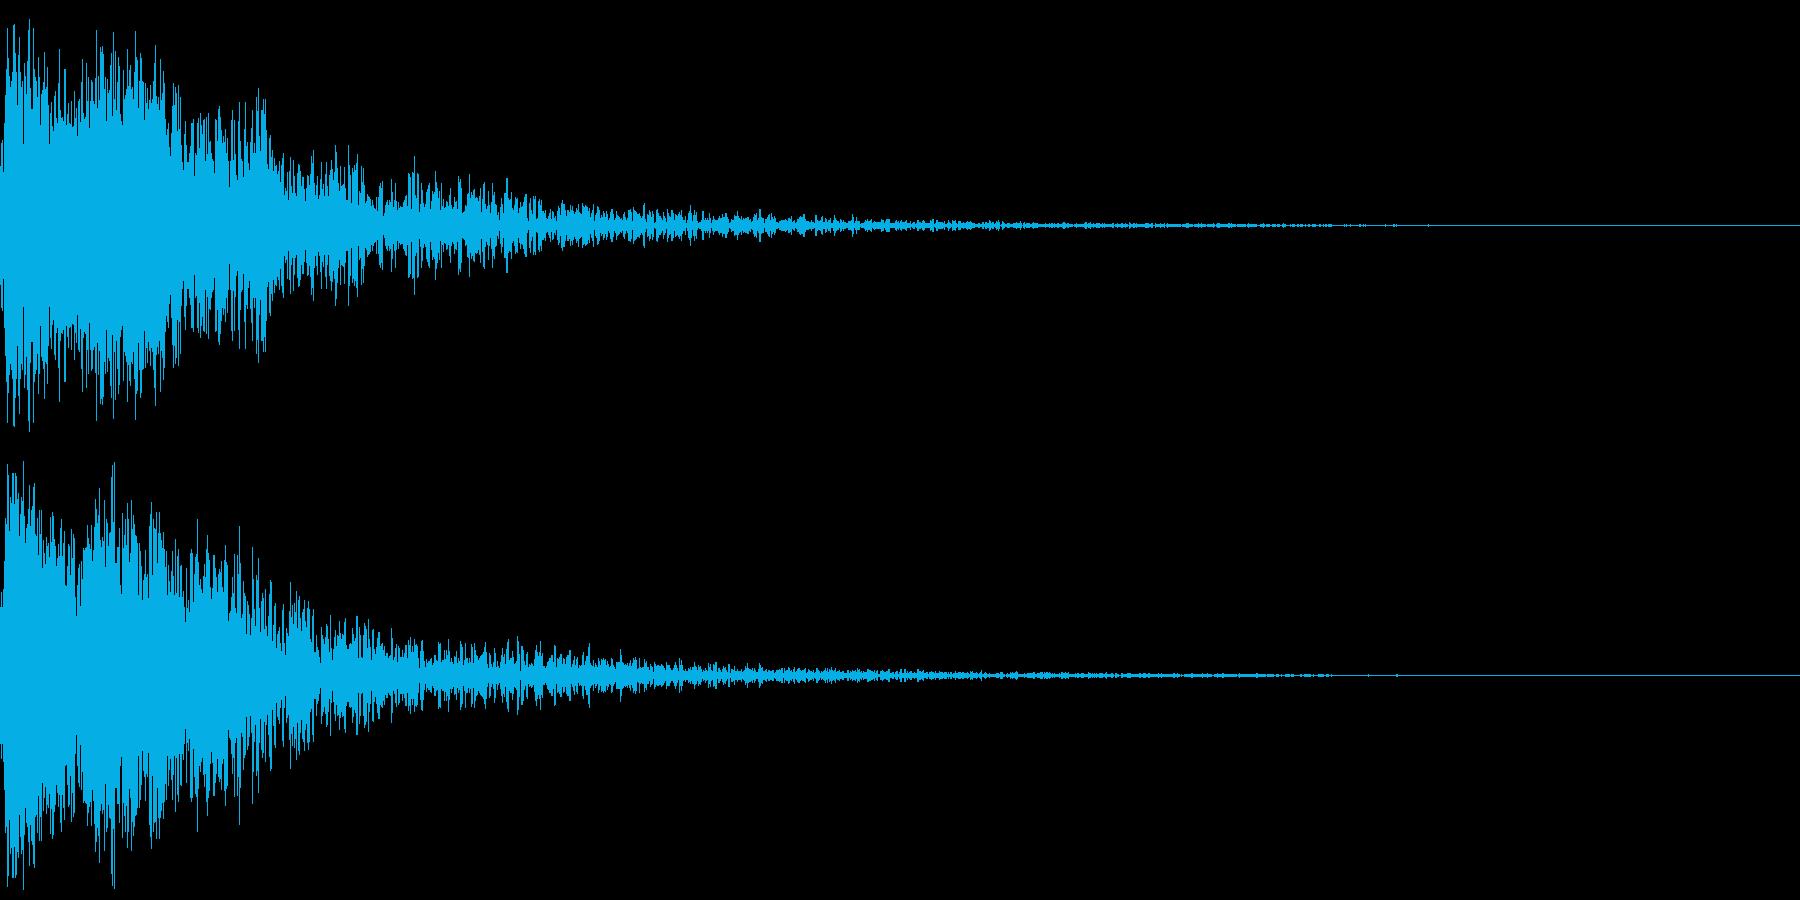 和風 オーケストラヒット ジングル!03の再生済みの波形